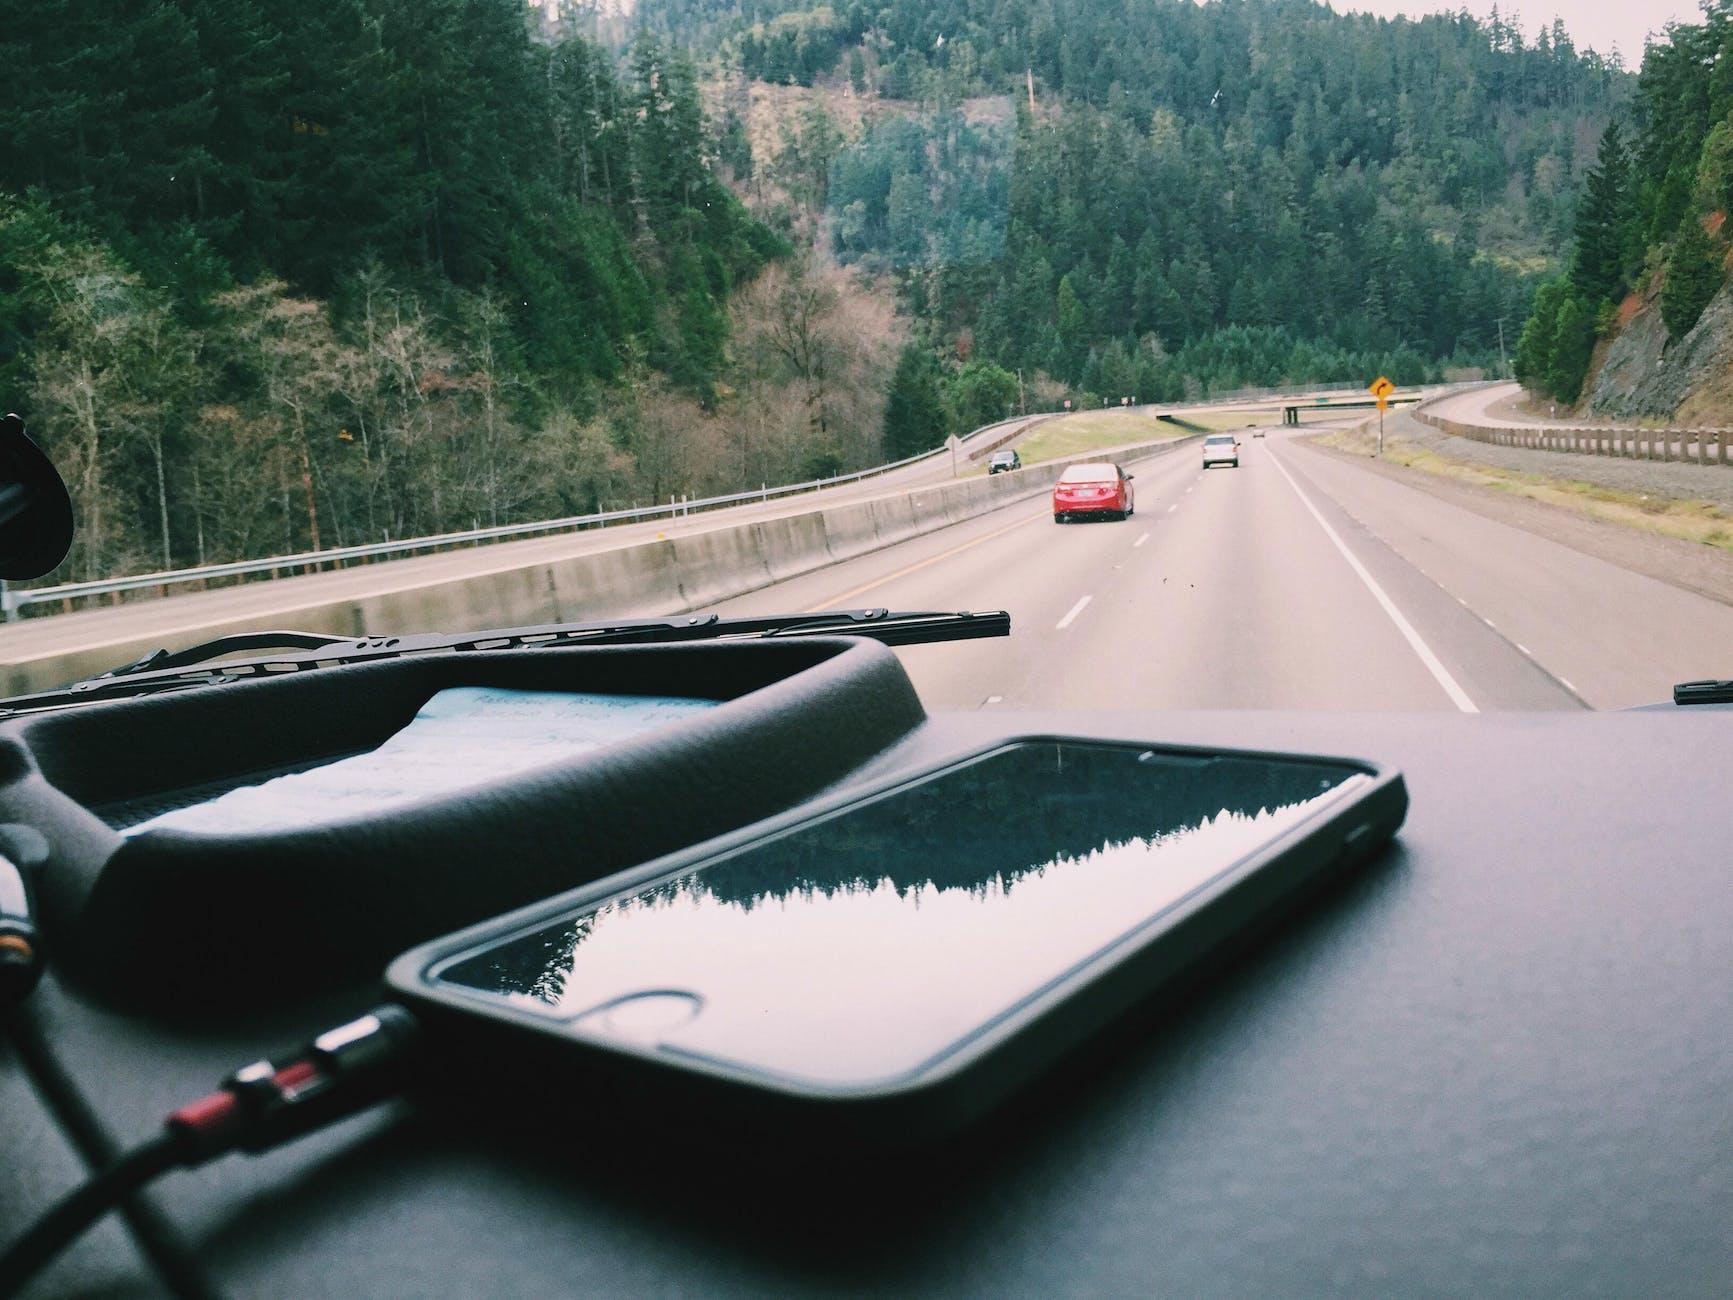 phone on dashboard